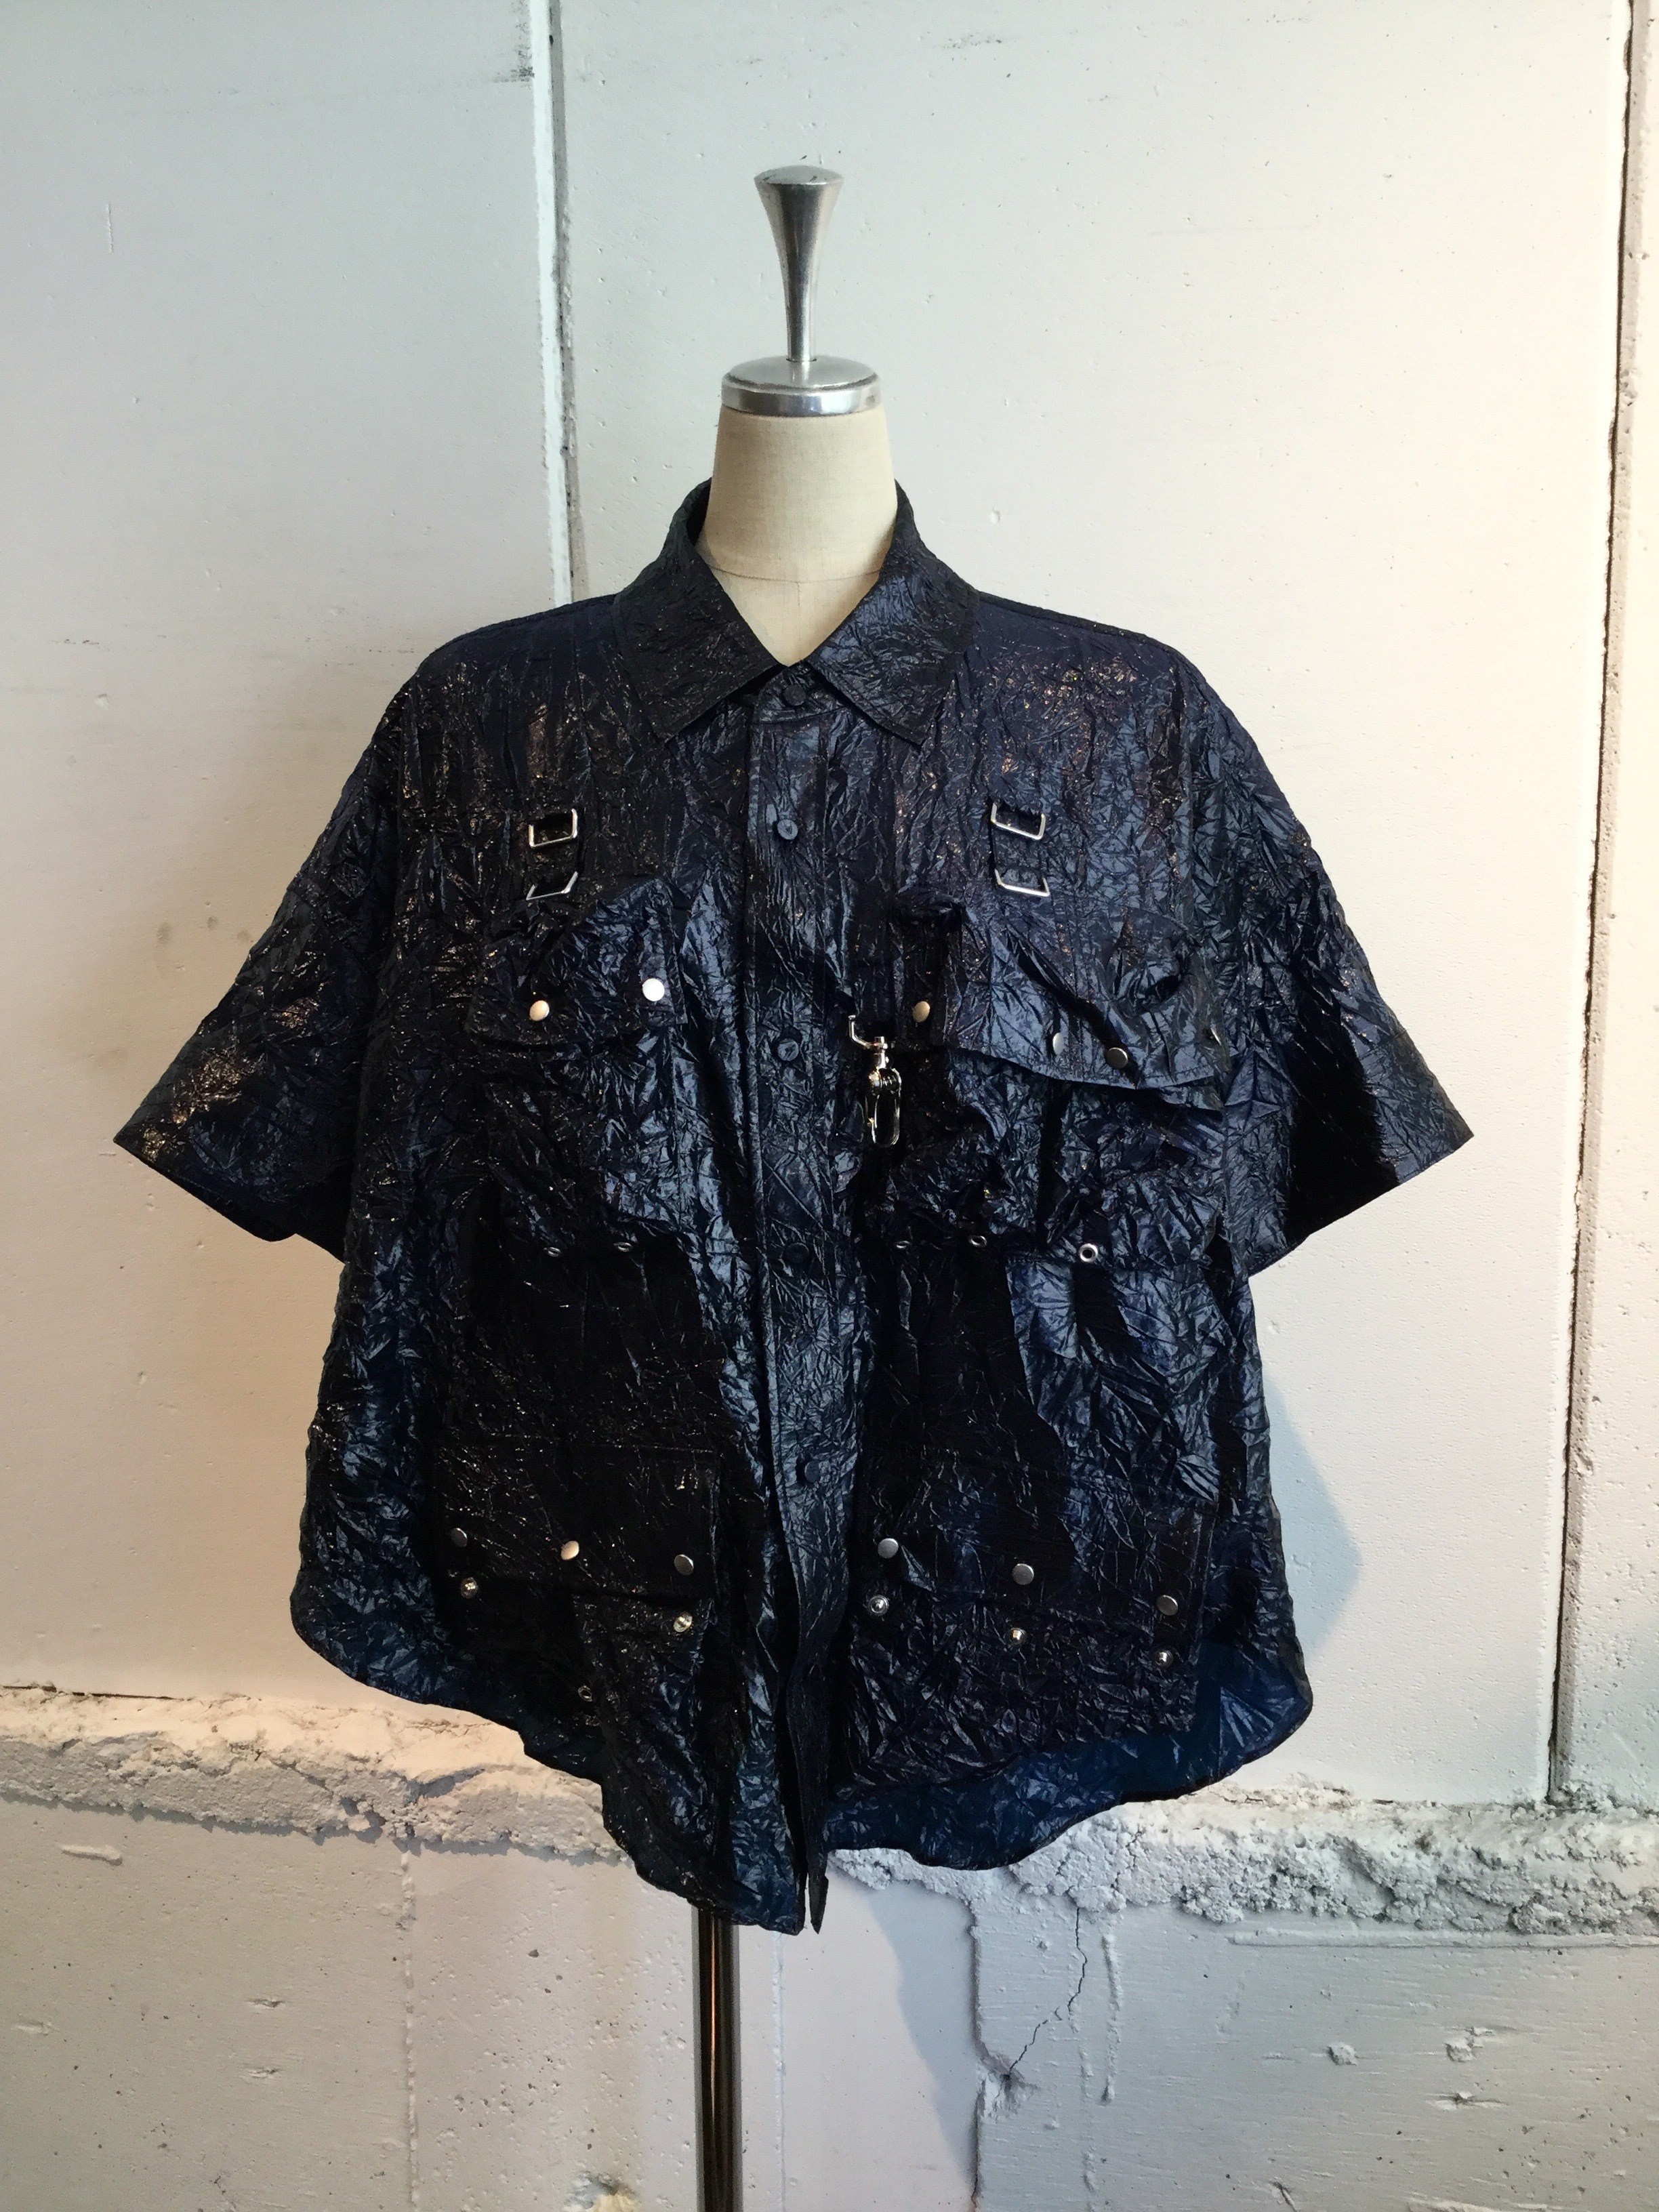 芸能人がアナザースカイで着用した衣装シャツ、パンツ、シューズ、ジュエリー